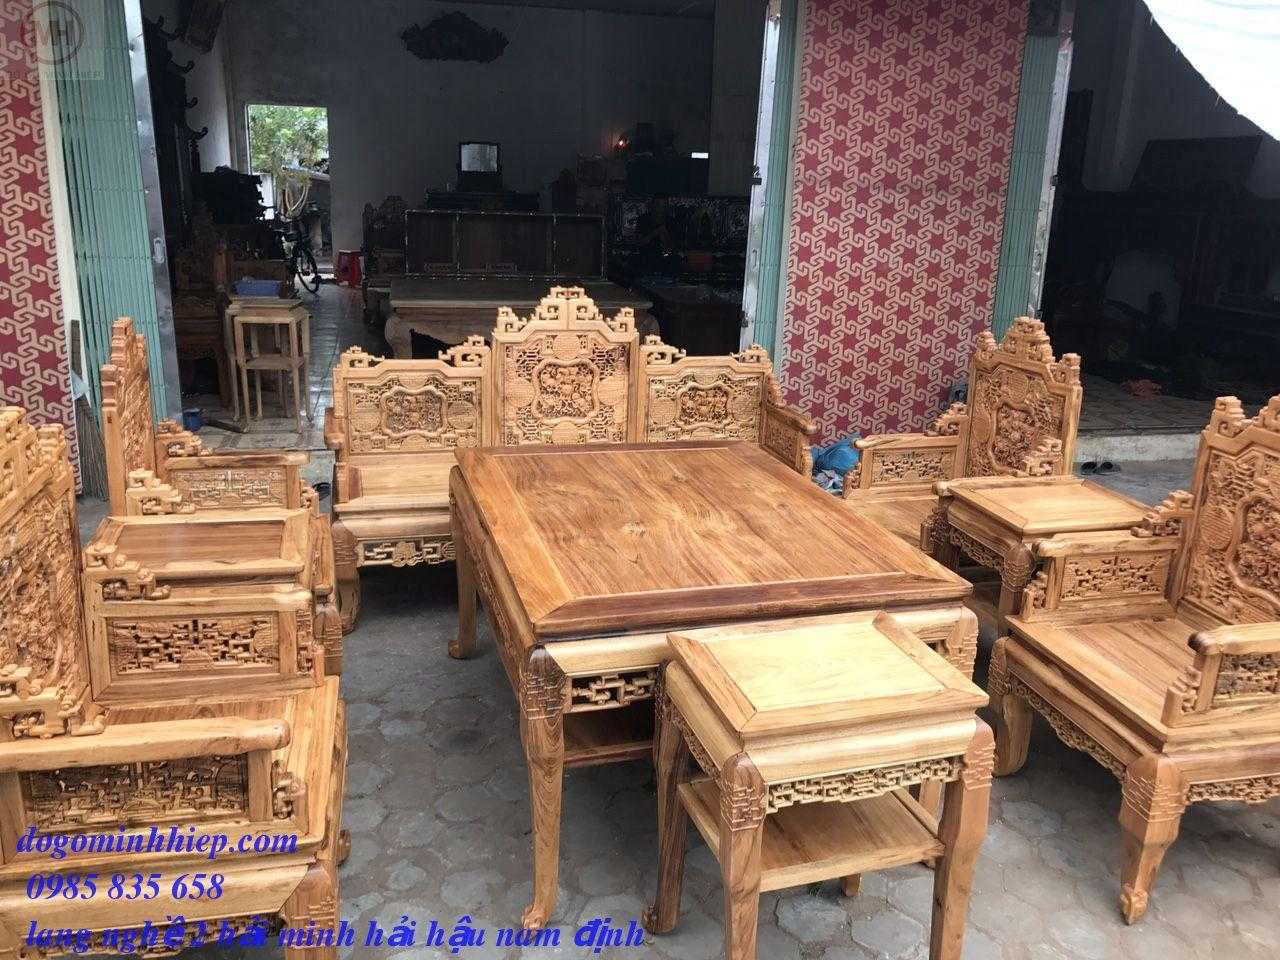 Trường kỷ ngũ lân vờn cầu gụ Quảng Bình